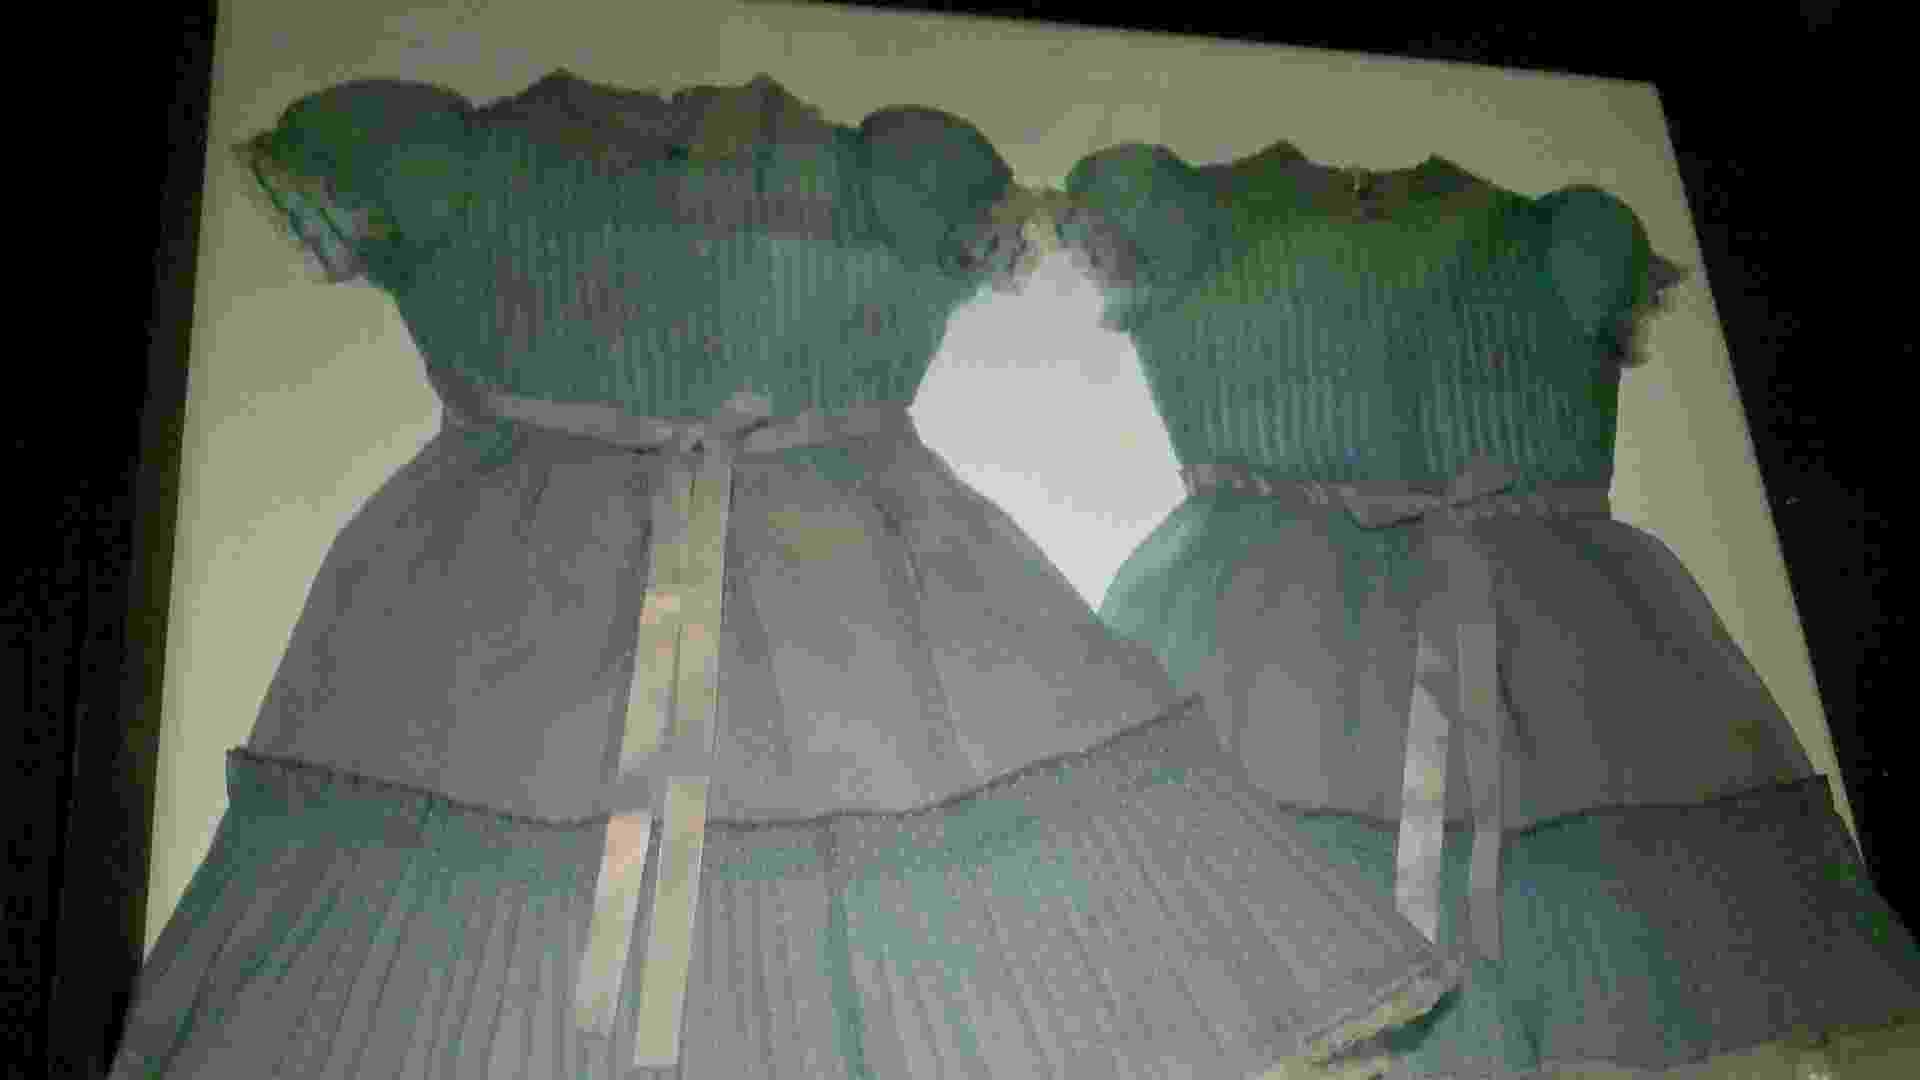 """Os figurinos das gêmeas morta do filme """"O Iluminado"""" em exposição do cineasta Stanley Kubrick em Amsterdã (24/08/2012) - James Cimino/UOL"""